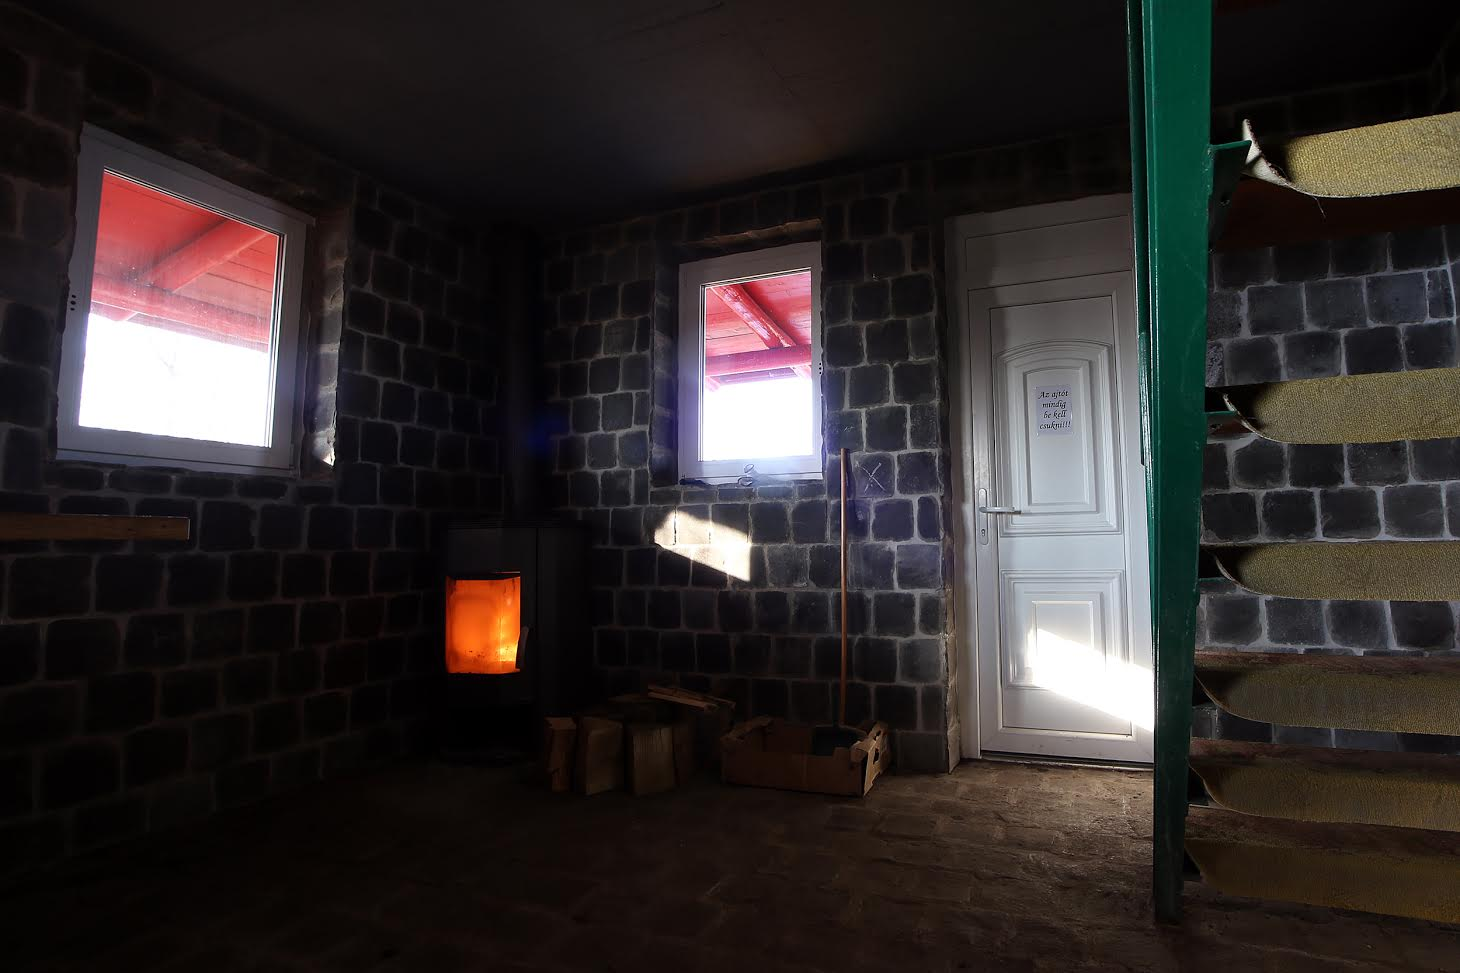 Halkan duruzsol a kályha, tűzifa mindig bekészítve